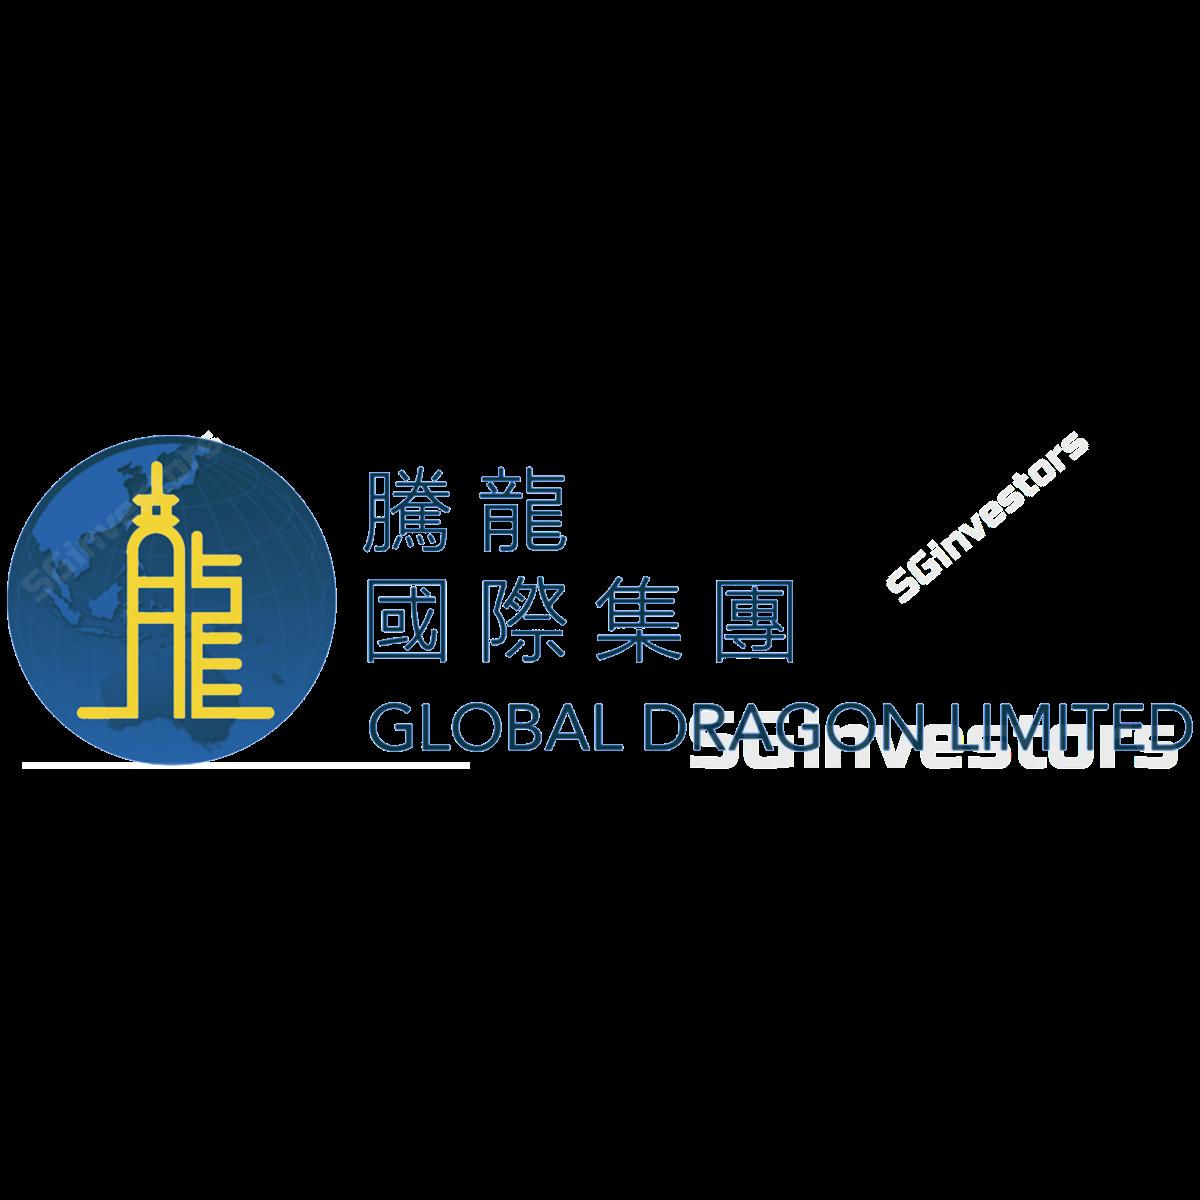 GLOBAL DRAGON LIMITED (SGX:586) @ SGinvestors.io